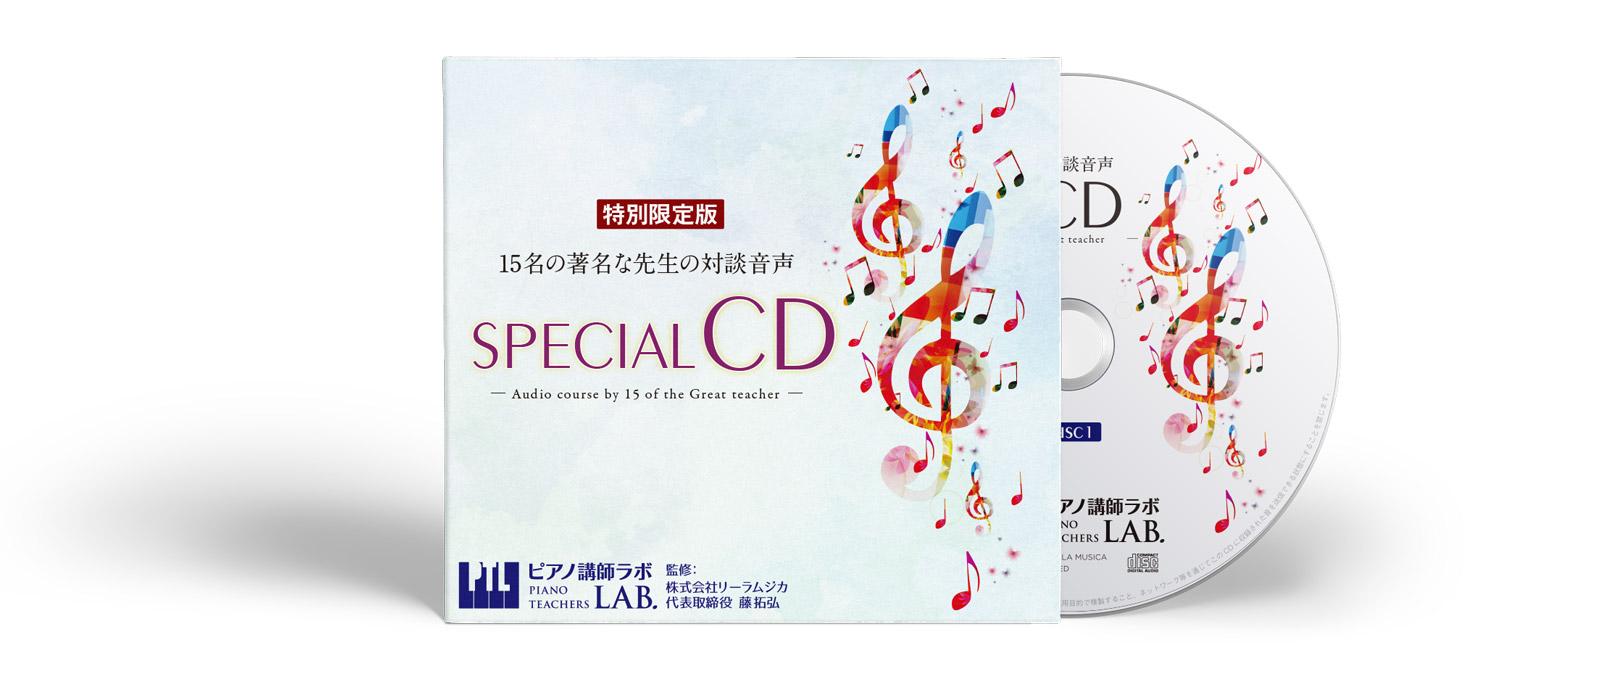 specialCD_mock